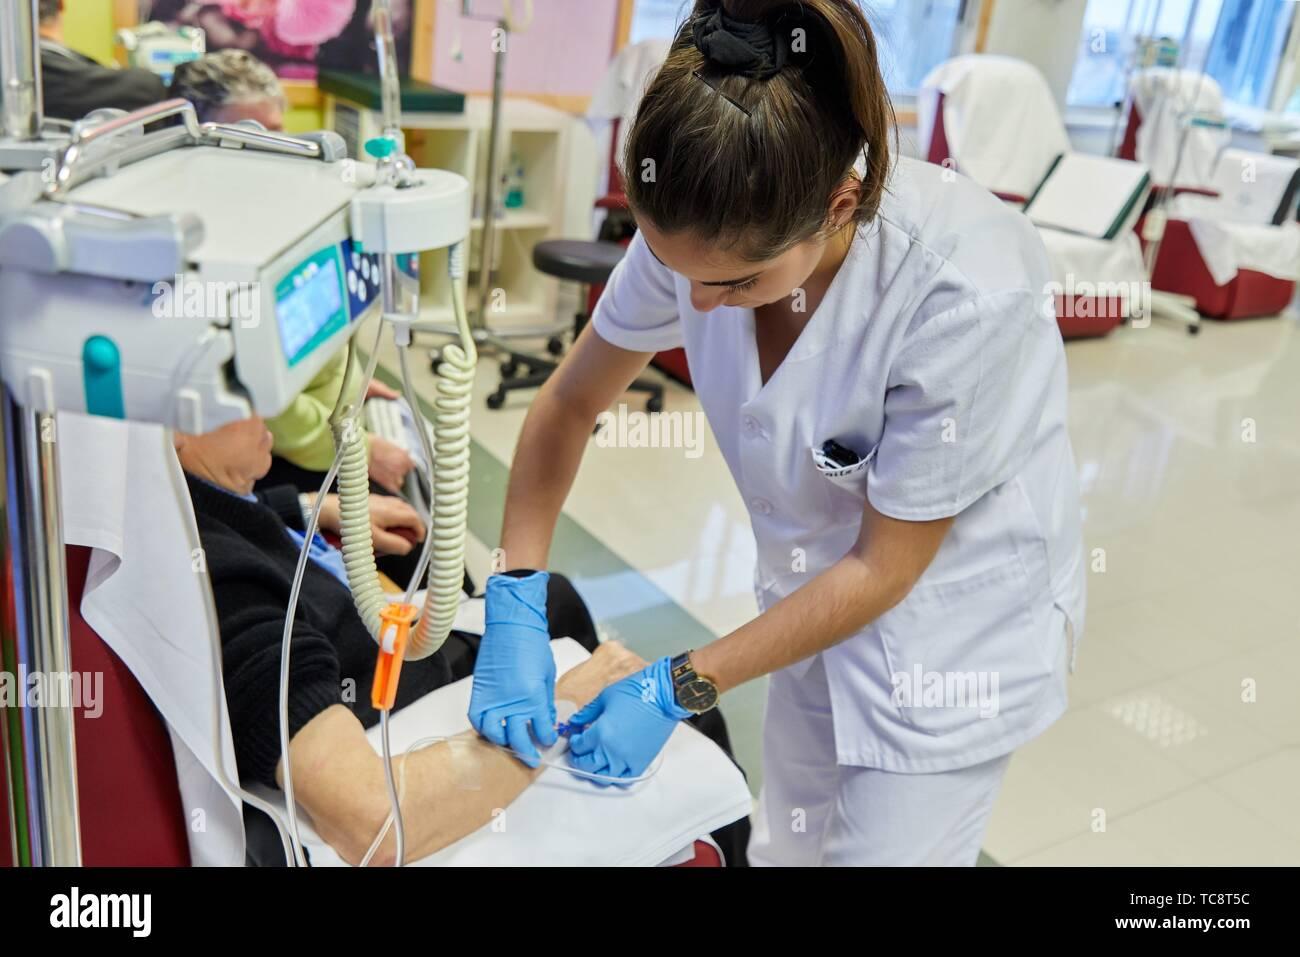 Nurse putting médicament par voie intraveineuse à un patient, la chimiothérapie, l'oncologie, l'hôpital Donostia, San Sebastian, Gipuzkoa, Pays Basque, Espagne Photo Stock